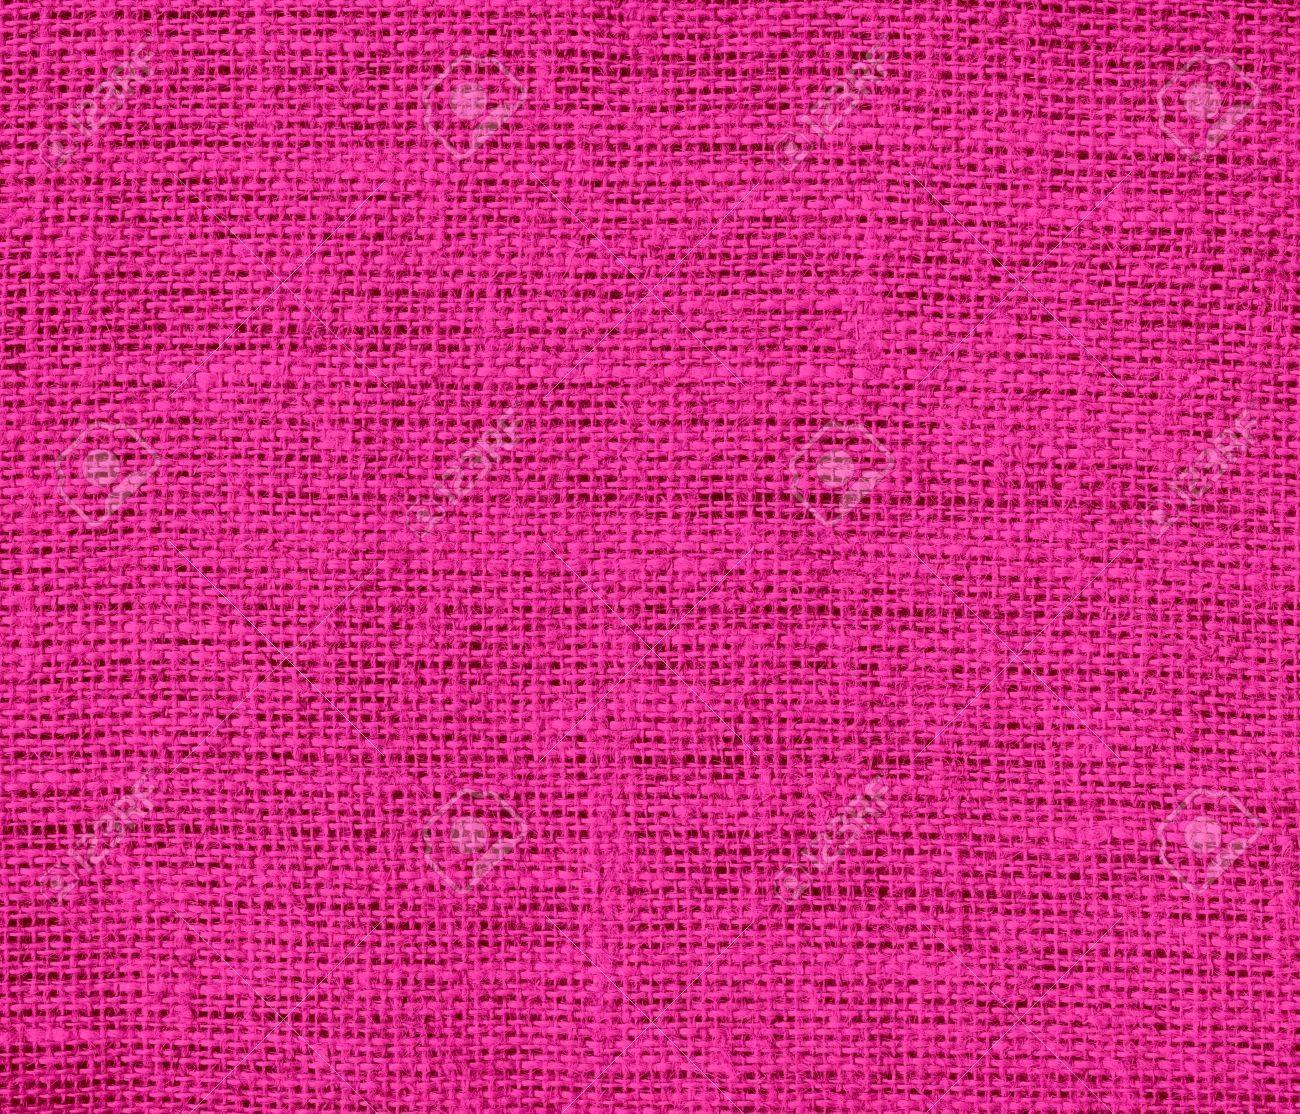 バービー ピンクの黄麻布のテクスチャ背景 の写真素材 画像素材 Image